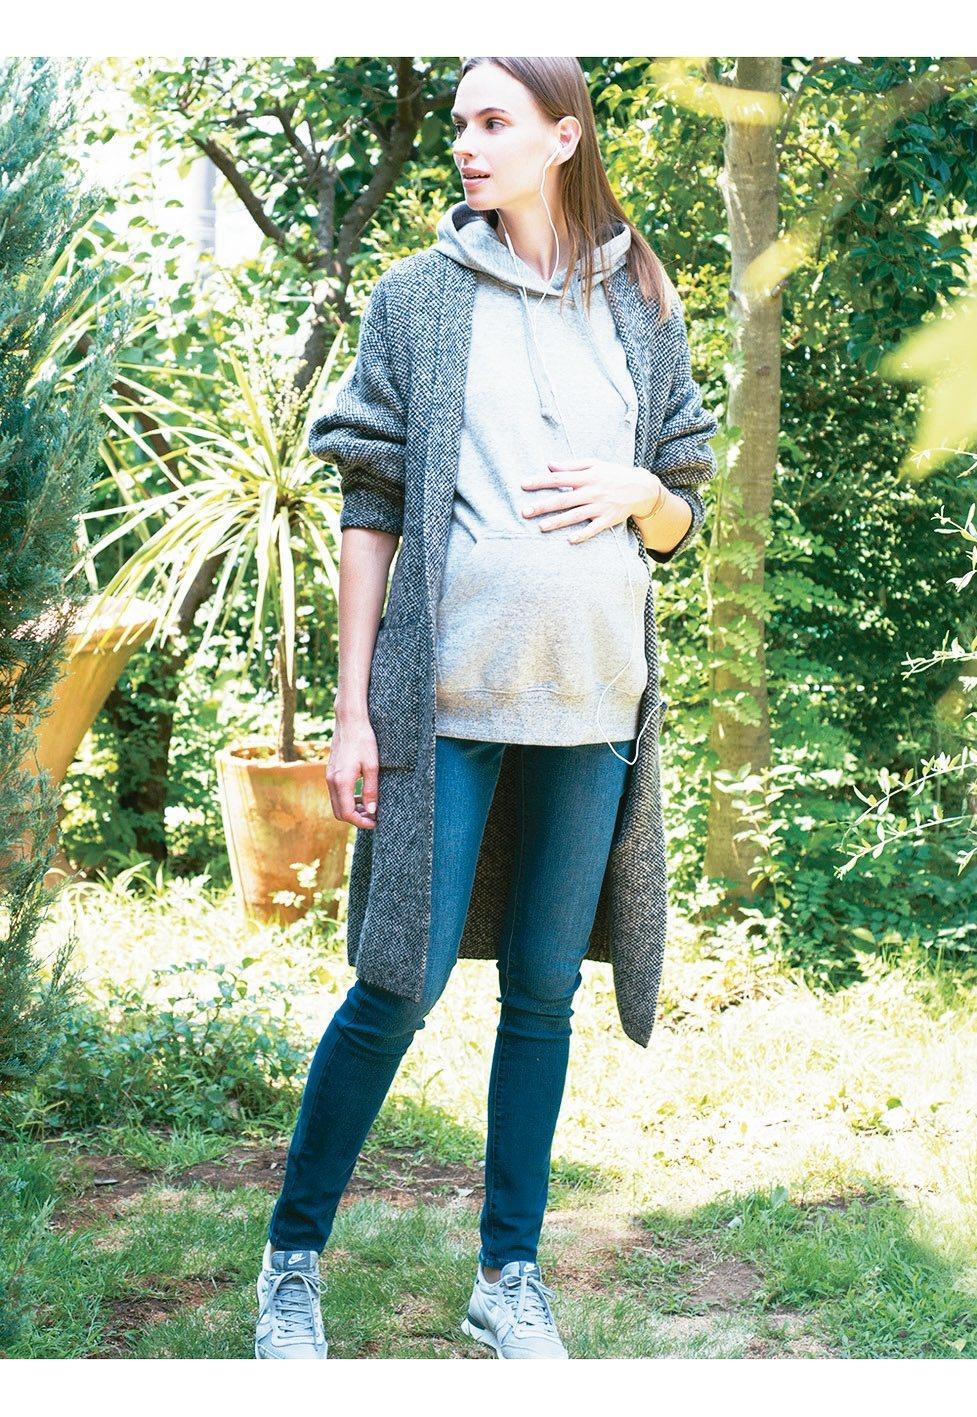 時尚與延展性都佳的孕婦包腹特級彈性牛仔褲,可讓準媽咪在孕期間依舊保持女性時尚風采...